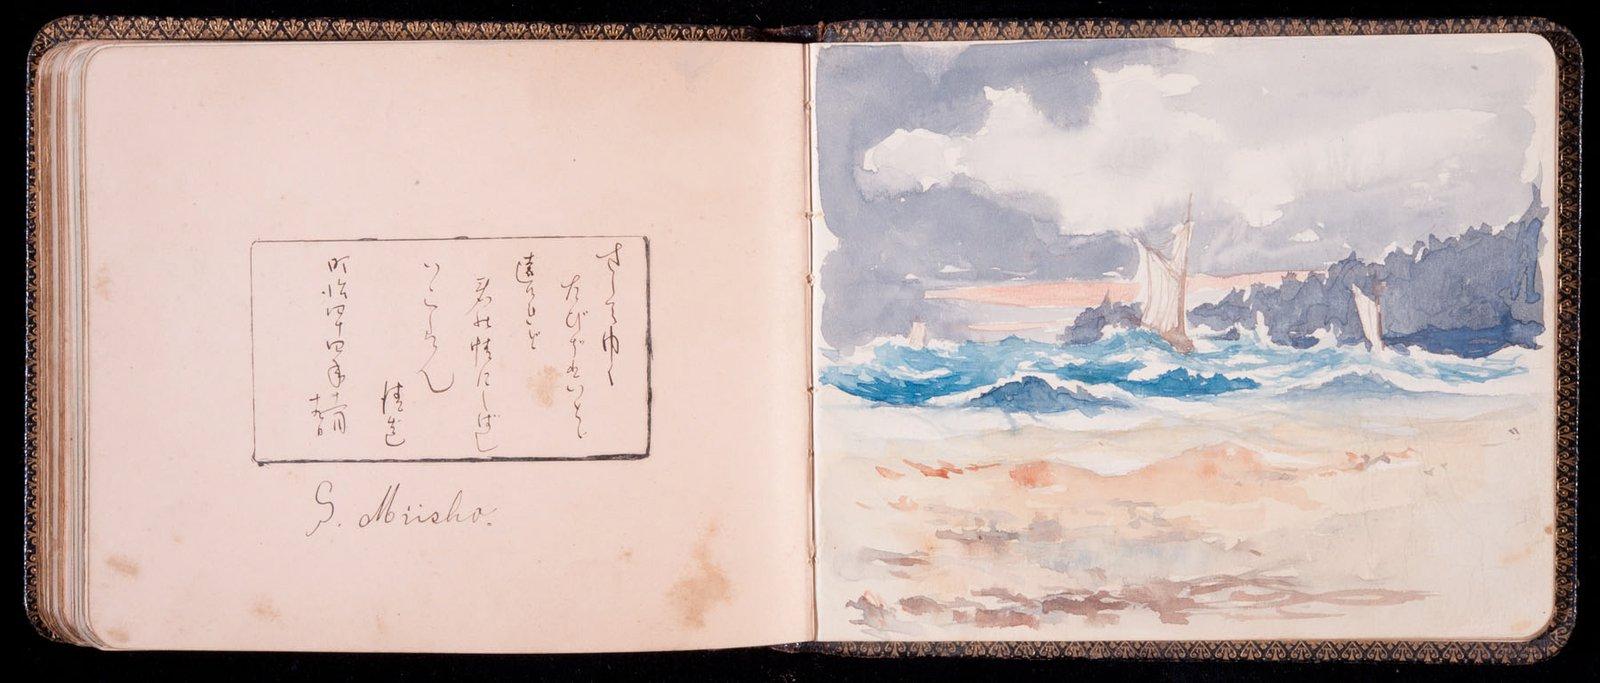 shirase autograph album pages156_158